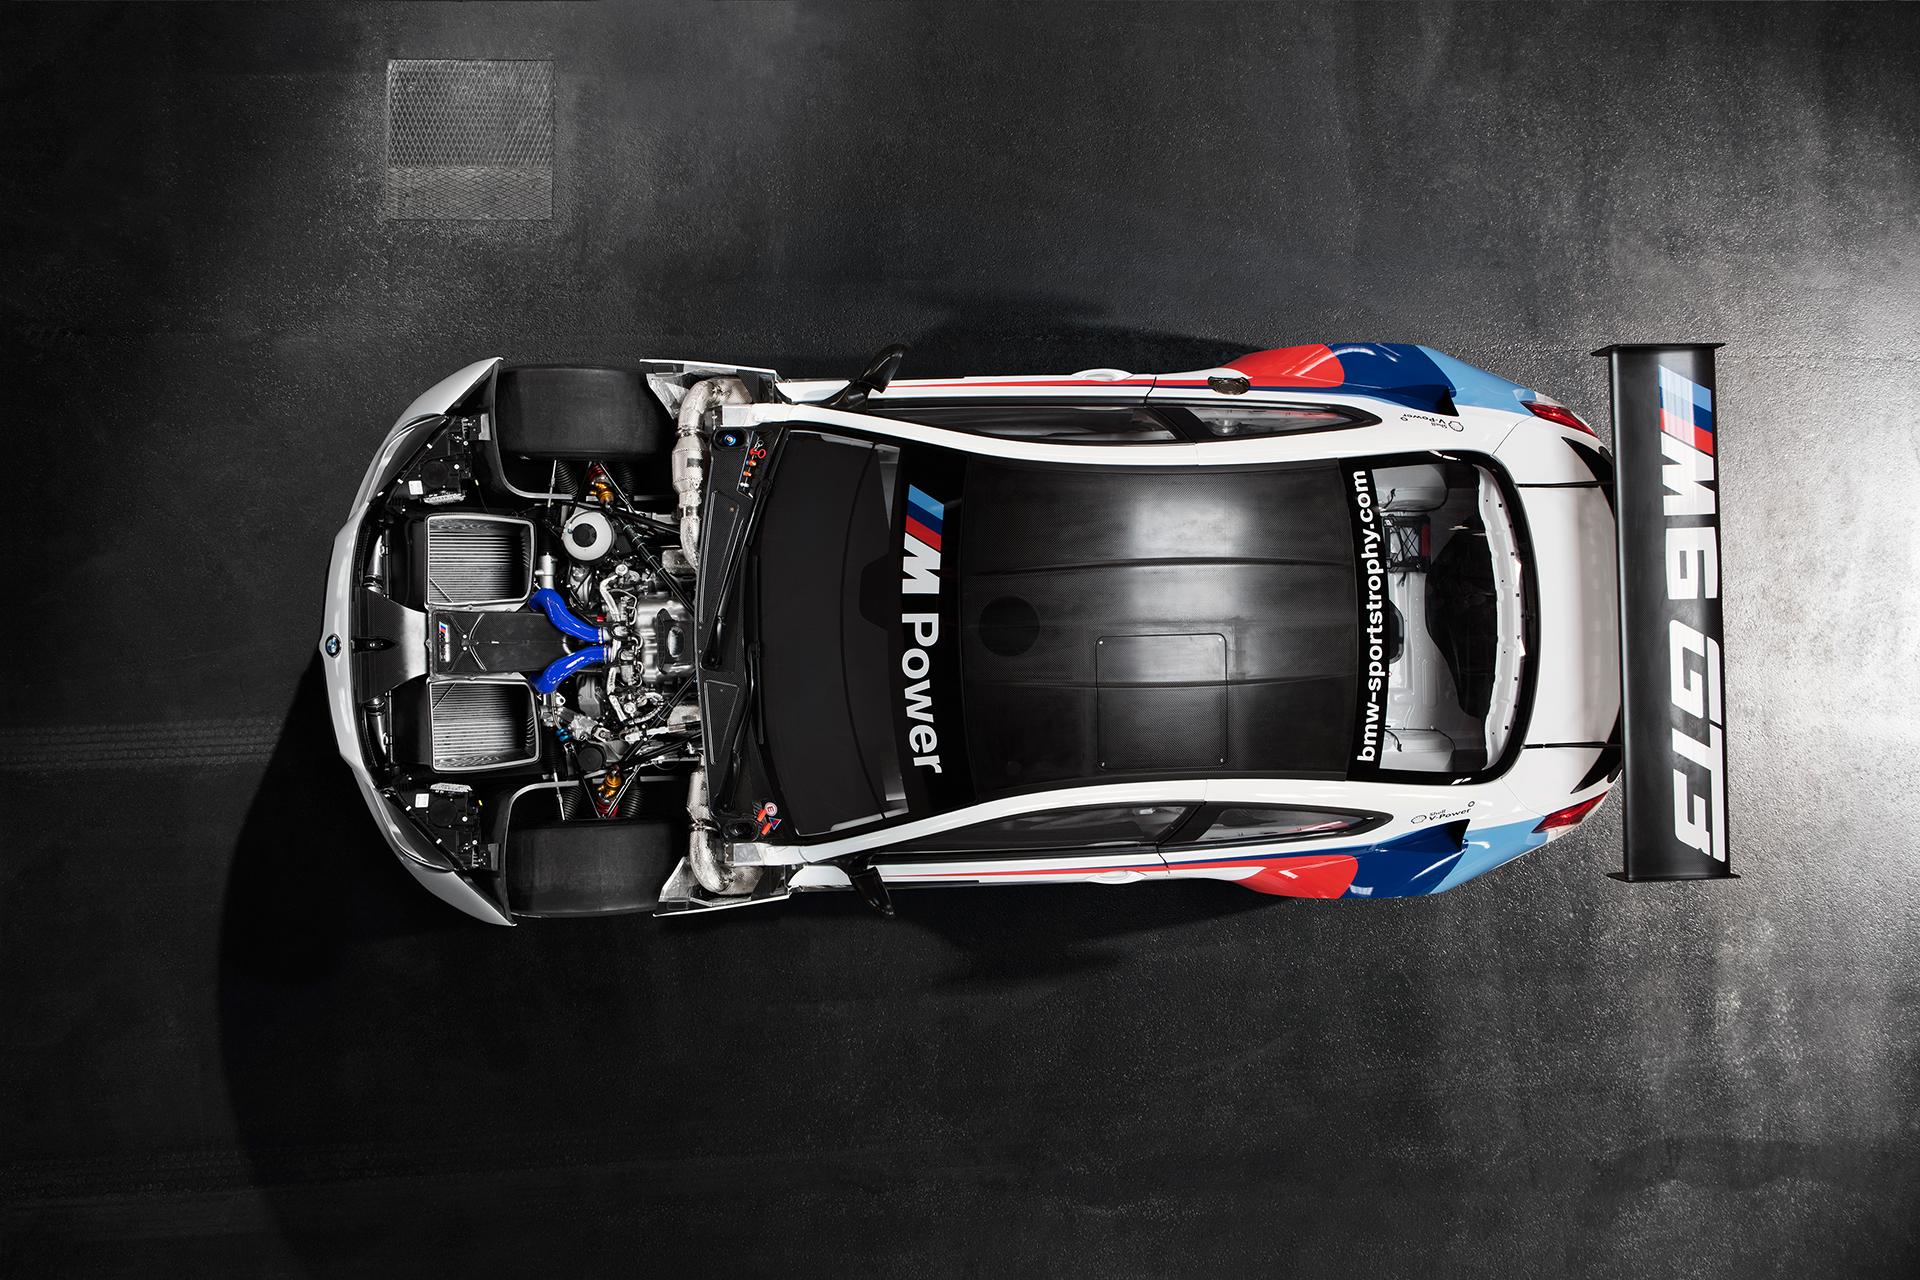 BMW M6 GT3 - 2016 - top / toit - engine / moteur